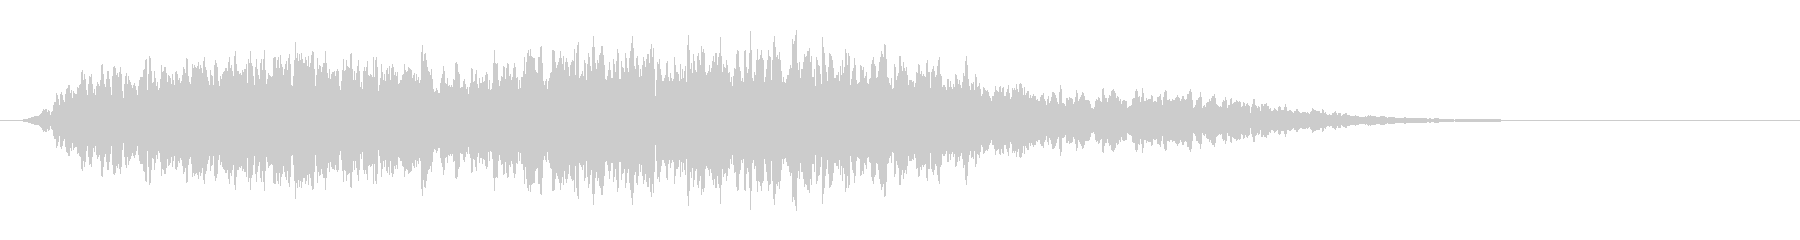 ME心理コード3(浮遊感・アンビエント)の未再生の波形